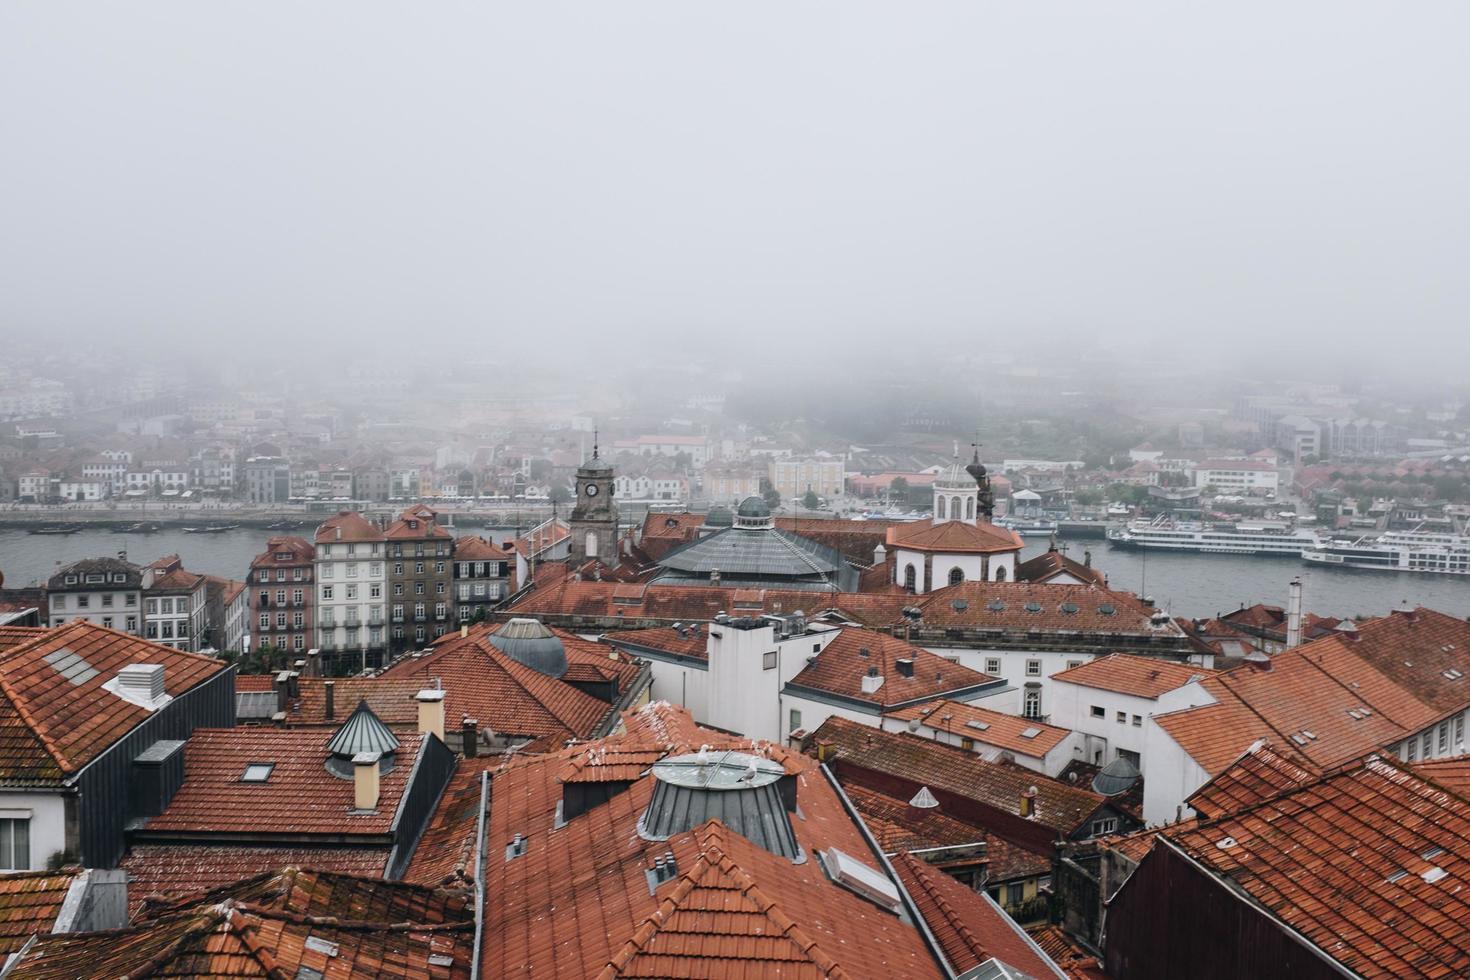 vue aérienne de la ville dans le brouillard photo